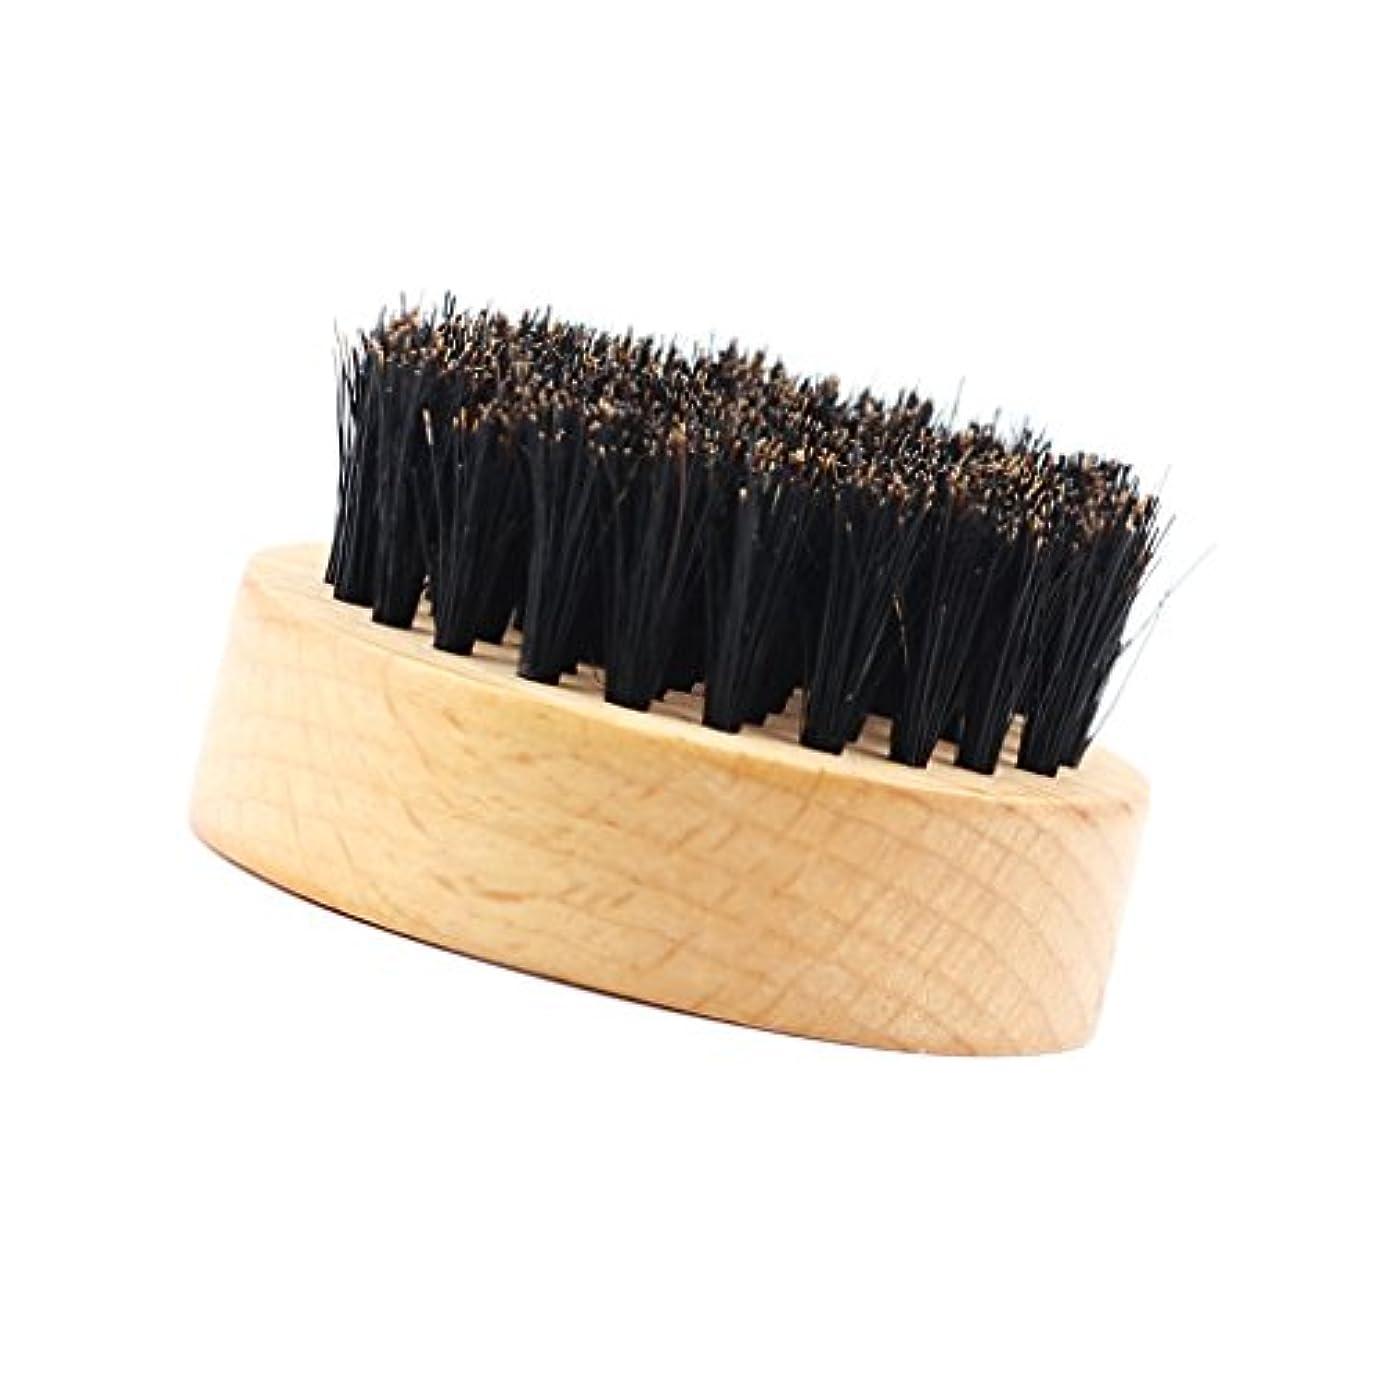 怖がって死ぬ切断する数値髭ブラシ ひげ剃り 豚毛 天然木ハンドル 口ひげケア 2タイプ選べる - #2